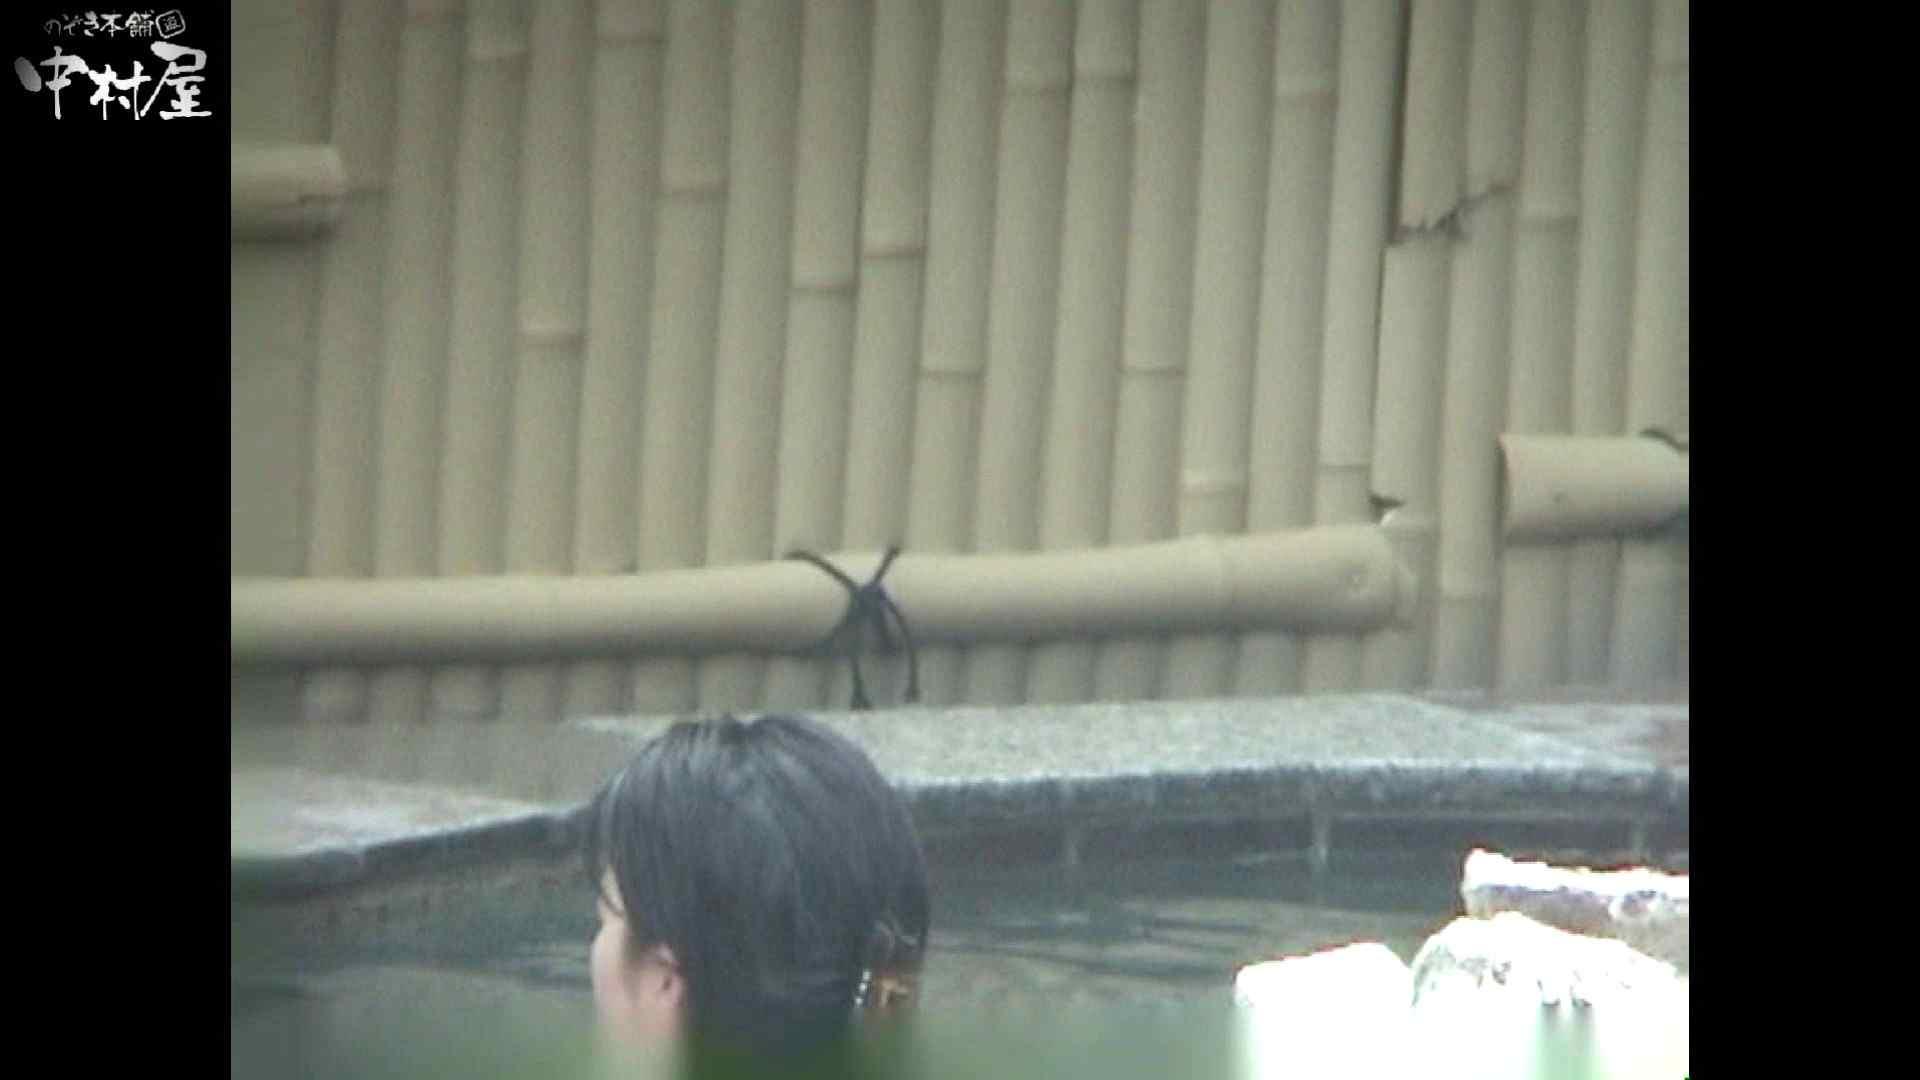 Aquaな露天風呂Vol.936 盗撮  75画像 6